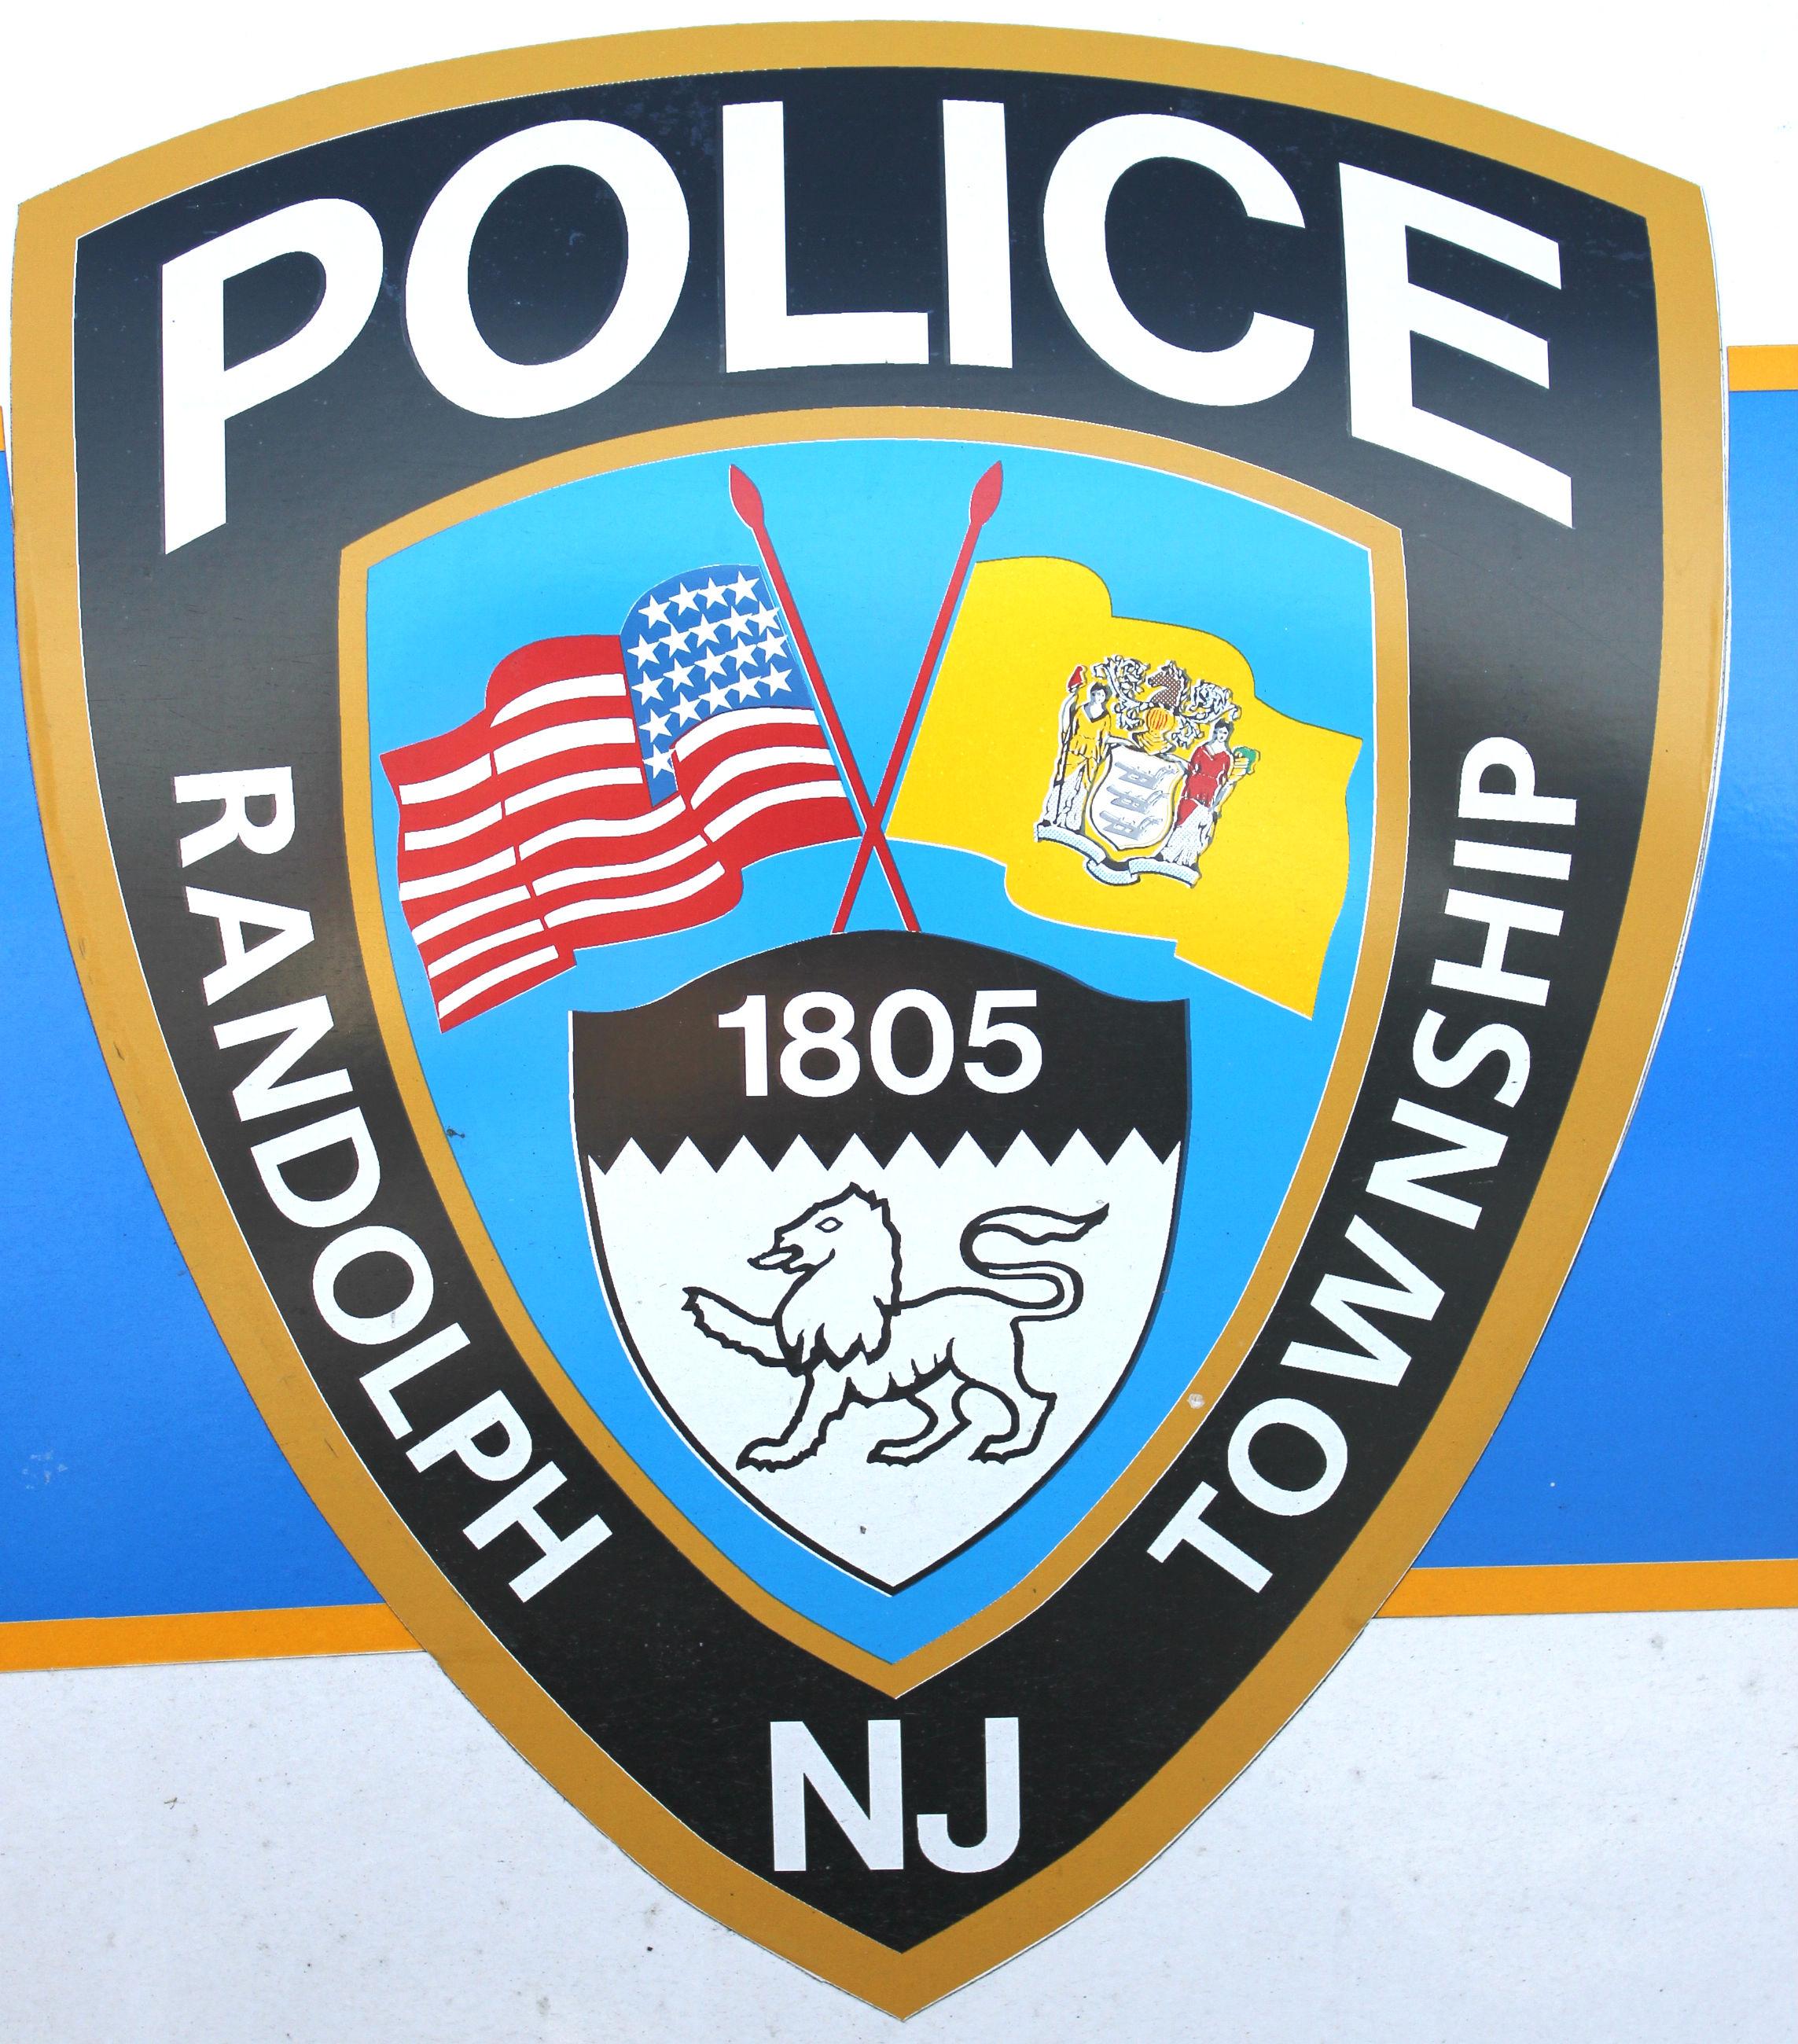 749e0d8c8f9ad6899fd7_randolph_pd_logo.JPG